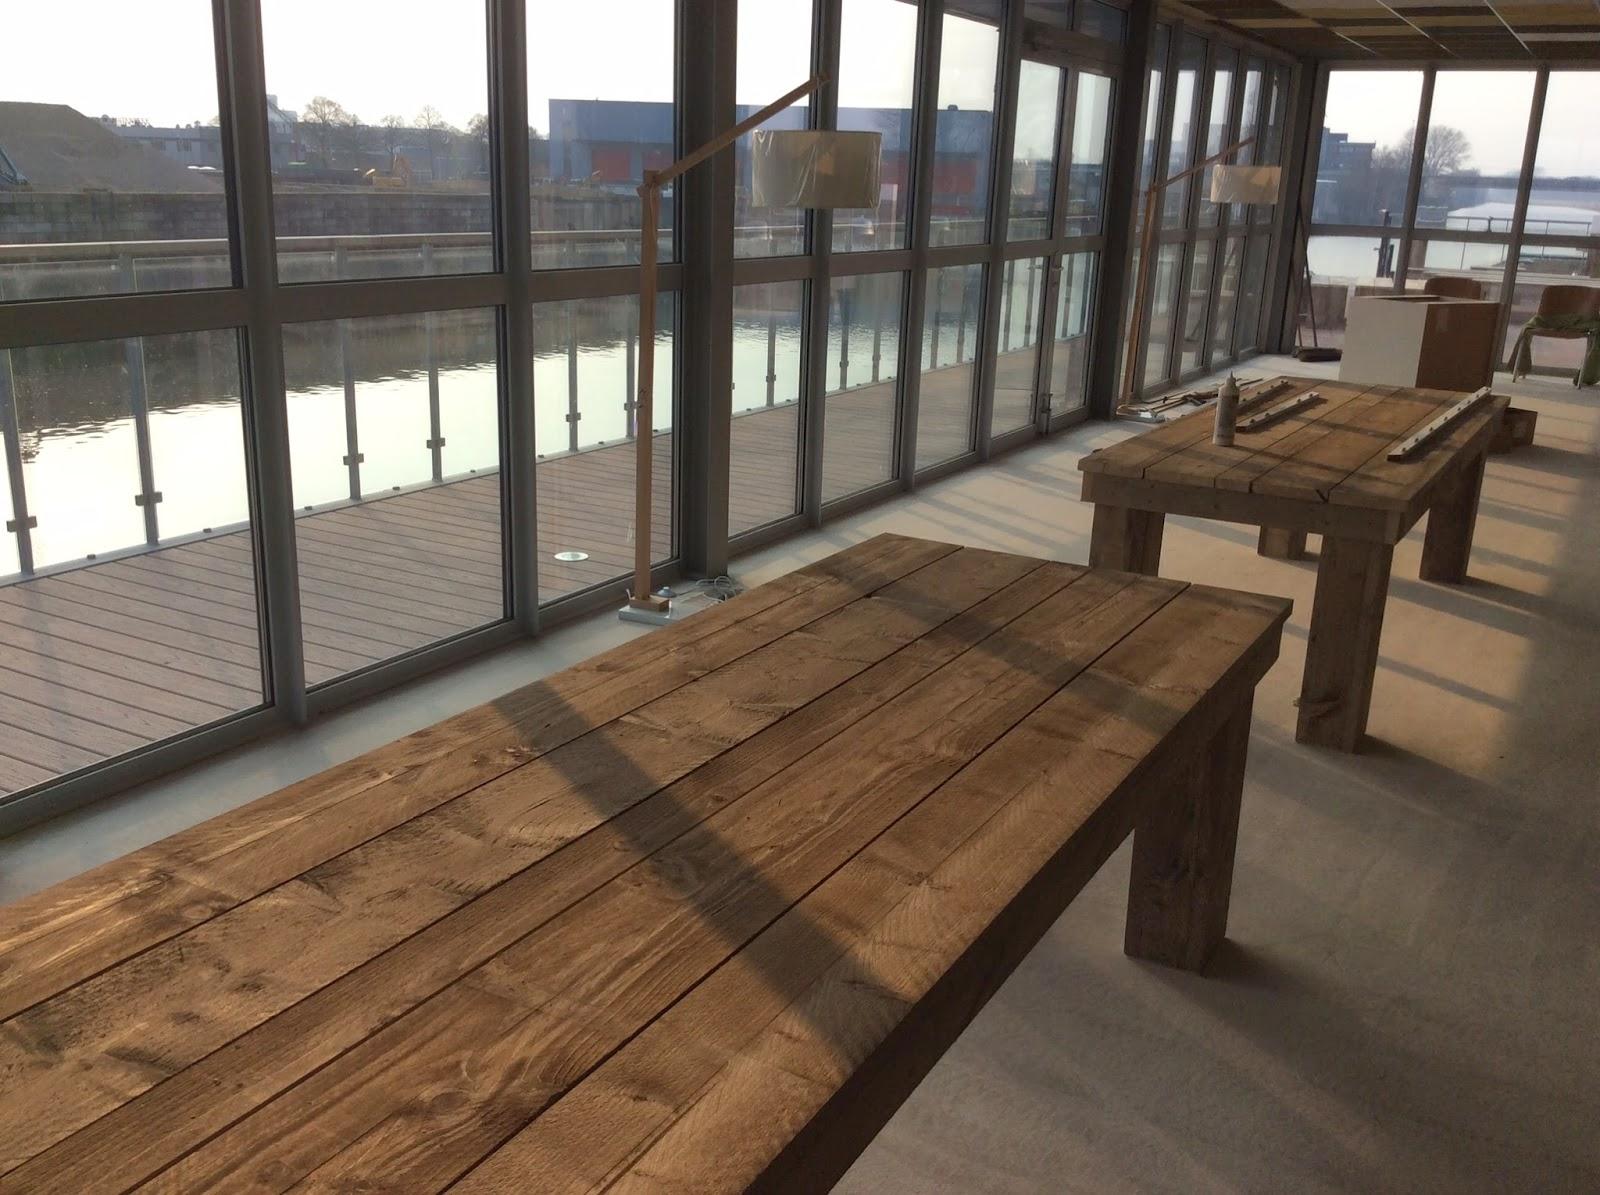 Steigerhouten tafels. Die gaan naar het terras.